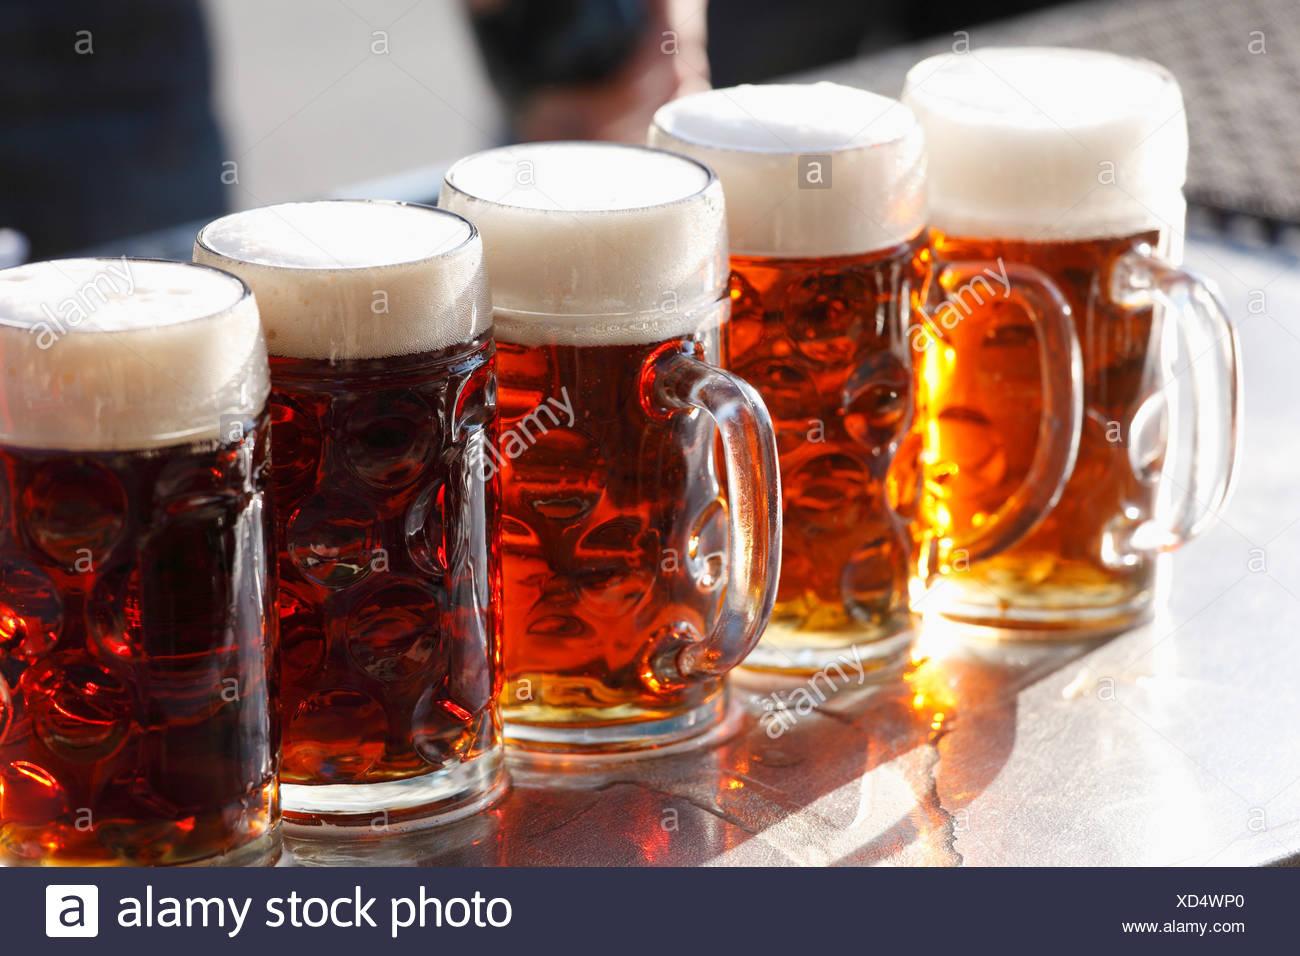 Beer mugs or steins, Brauereigasthof Krug, brewery, restaurant, Breitenlesau, Waischenfeld, Franconian Switzerland - Stock Image